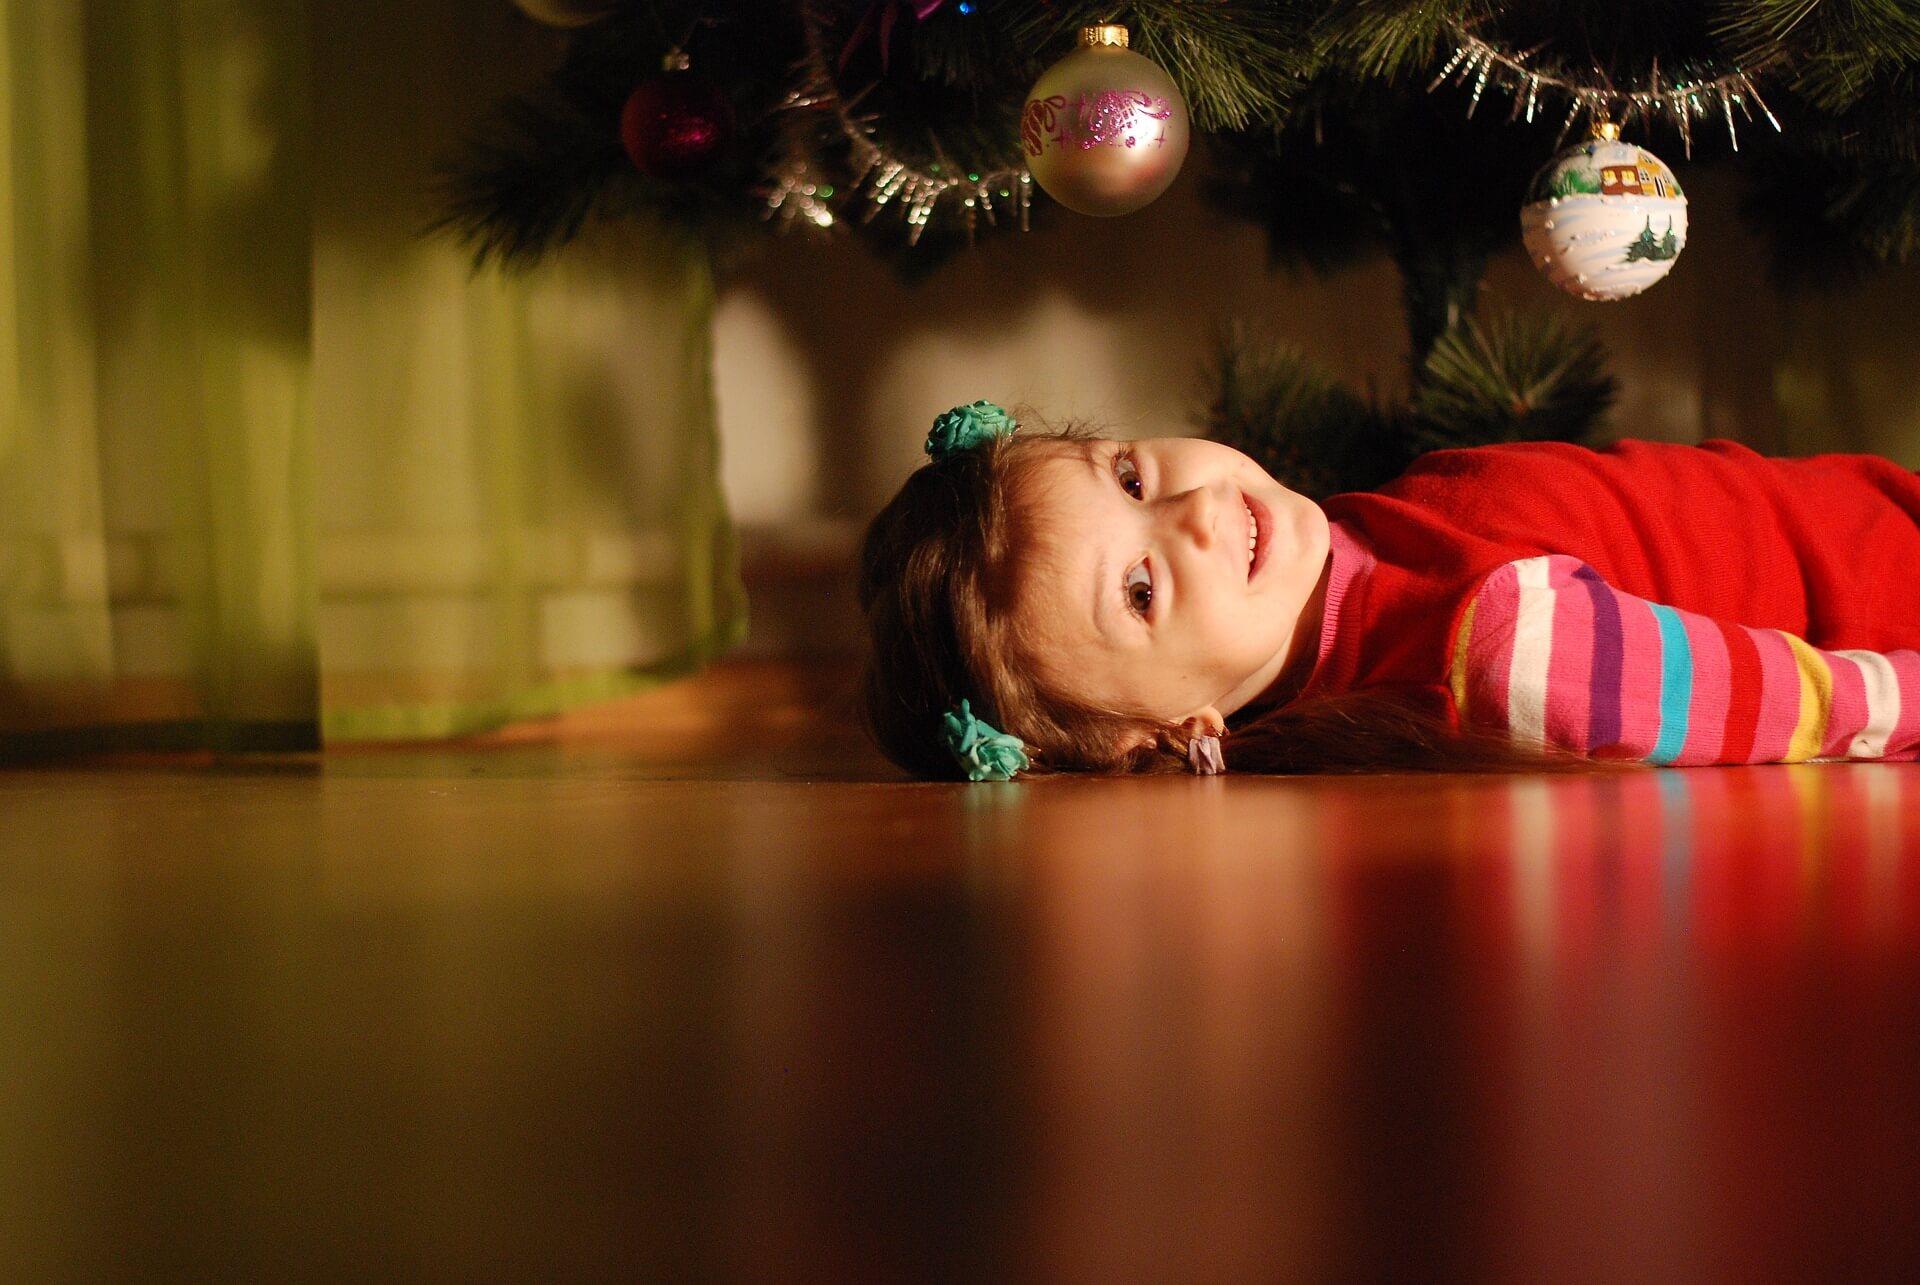 Enfants sereins + temps des fêtes: c'est possible